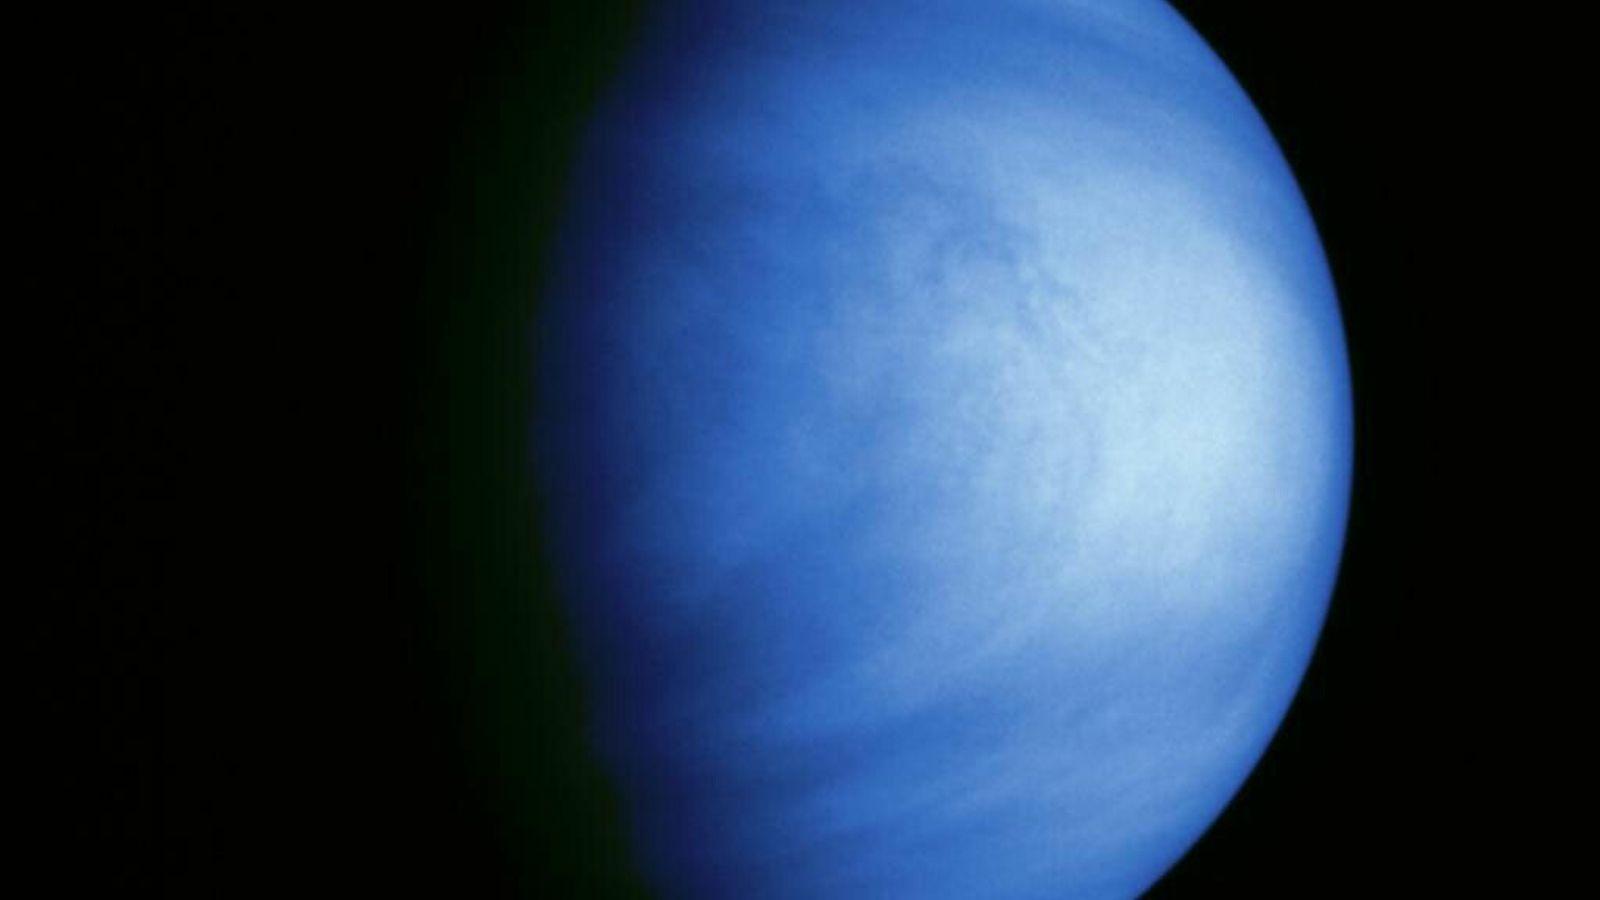 Essa imagem de Vênus, submetida a um processo de colorização, foi captada pela sonda Galileu em ...